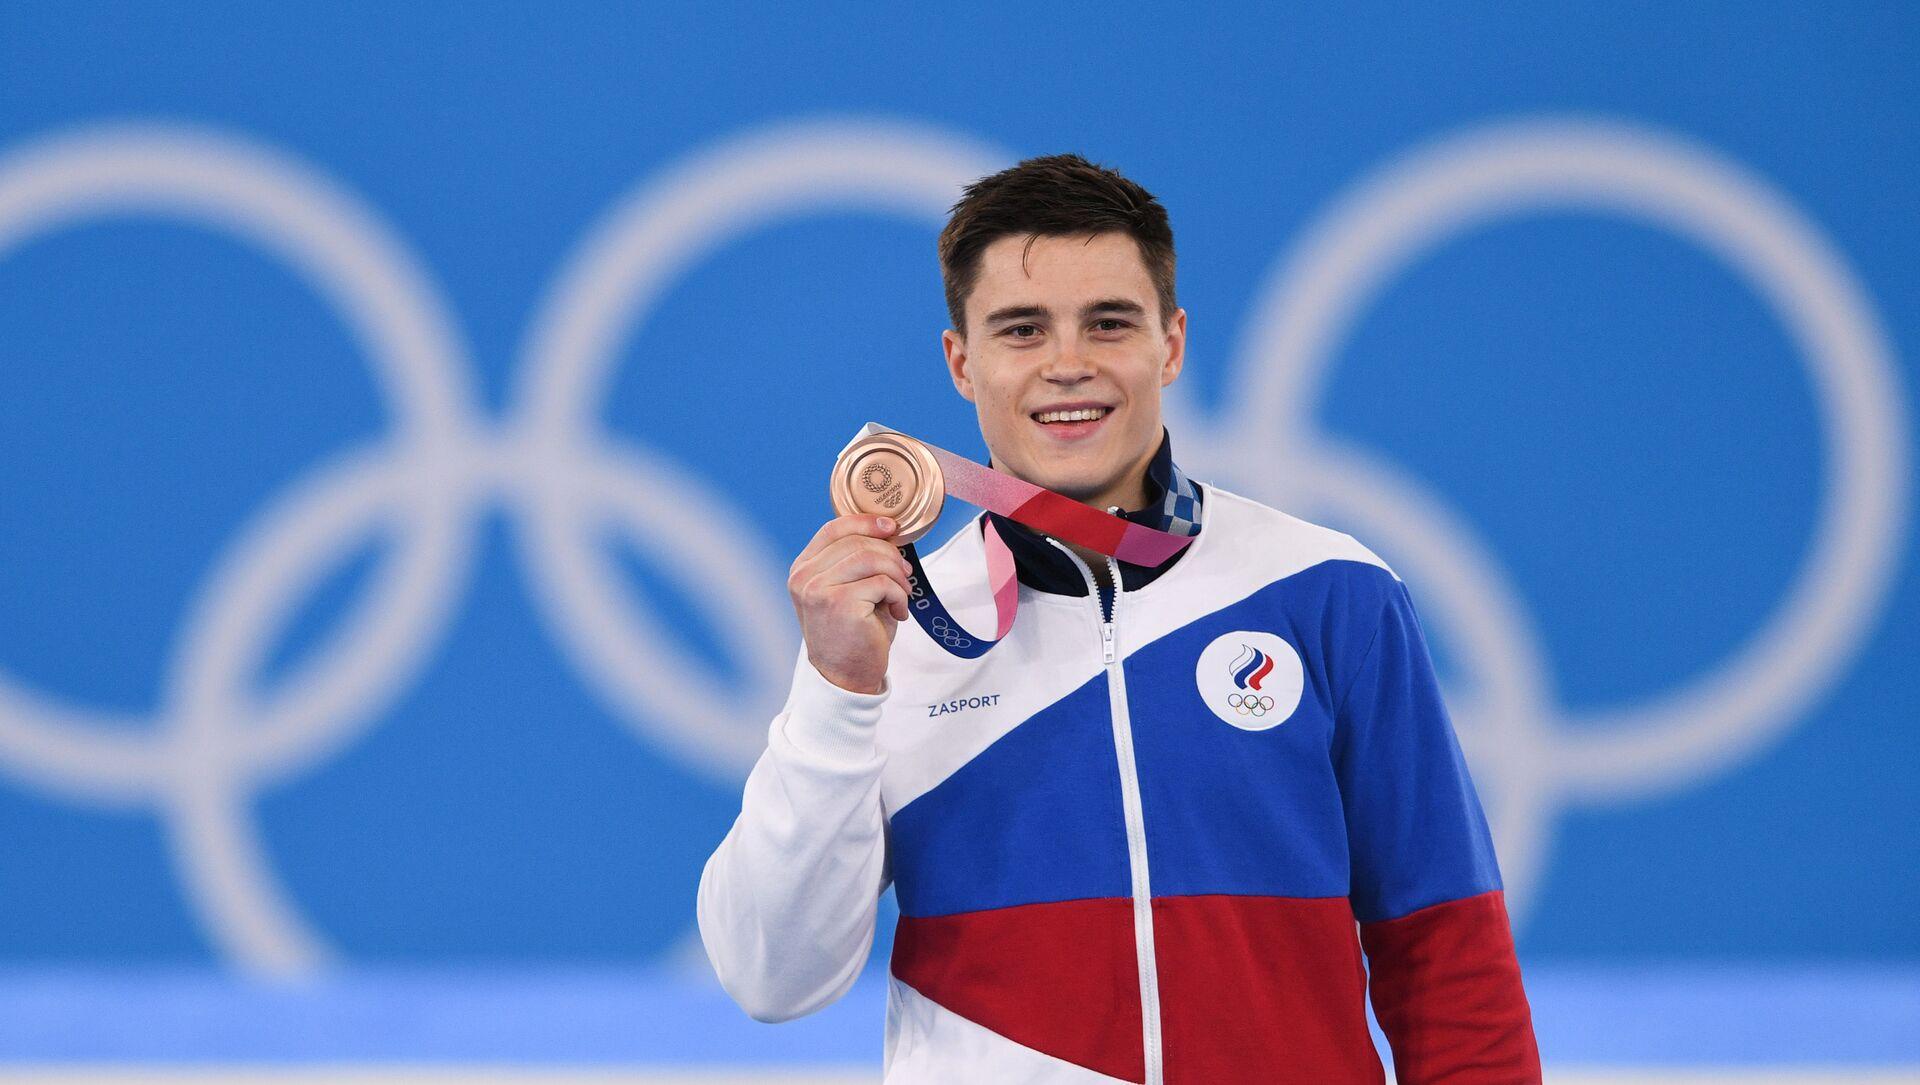 Vận động viên người Nga Nikita Nagorny, người giành huy chương đồng môn thể dục nghệ thuật tại Thế vận hội Olympic lần thứ XXXII, tại lễ trao giải. - Sputnik Việt Nam, 1920, 19.09.2021